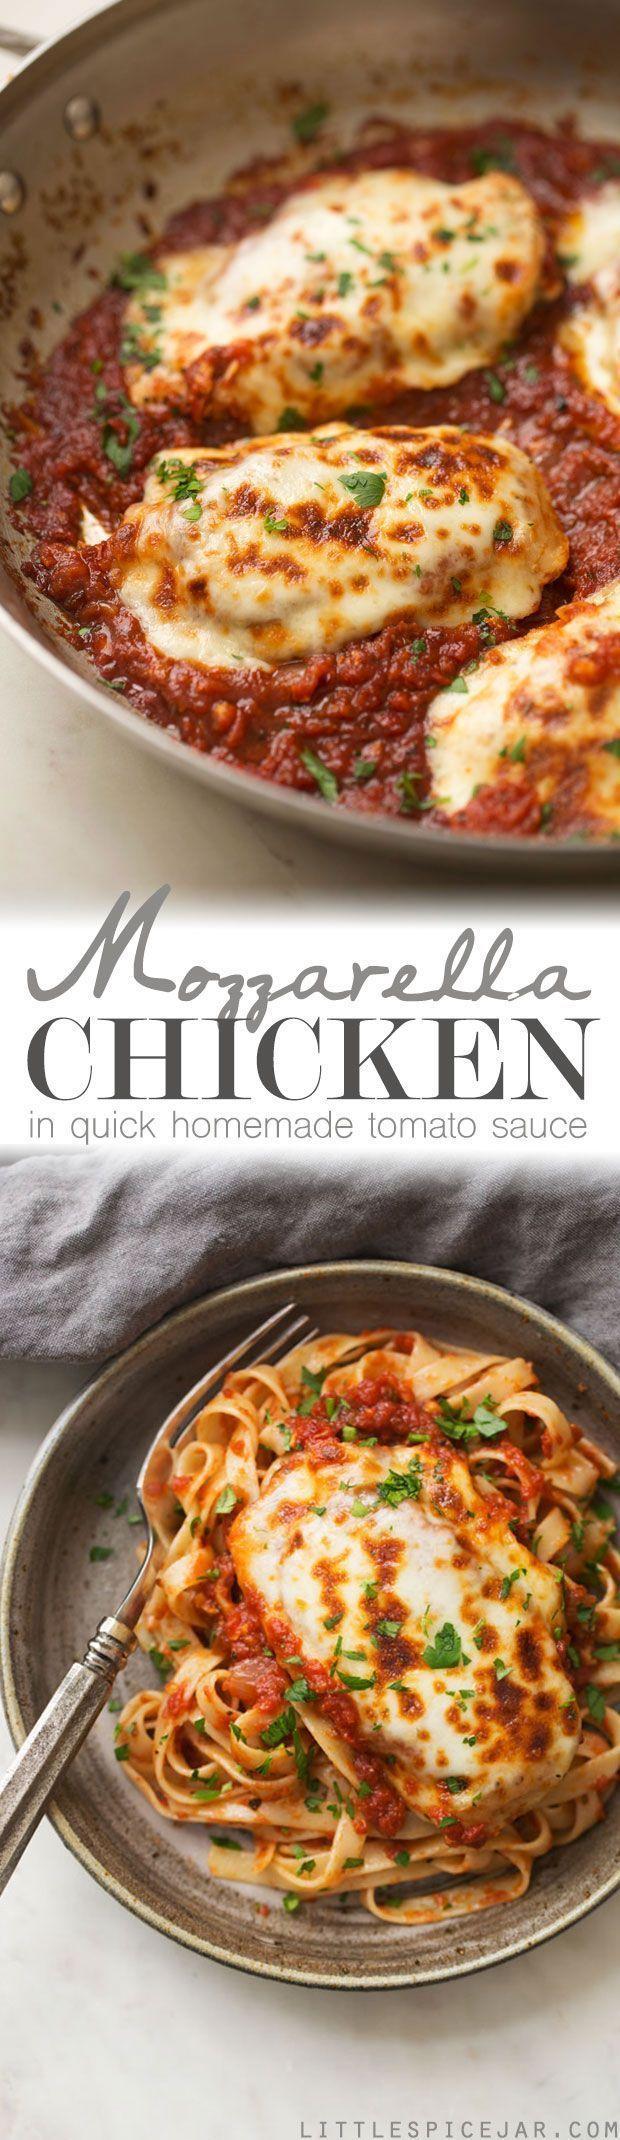 30 Minute Mozzarella Chicken in Tomato Sauce - a quick and easy weeknight recipe for chicken smothered in tomato sauce with melty mozzarella! Serve with bread or pasta! #foodrecipe